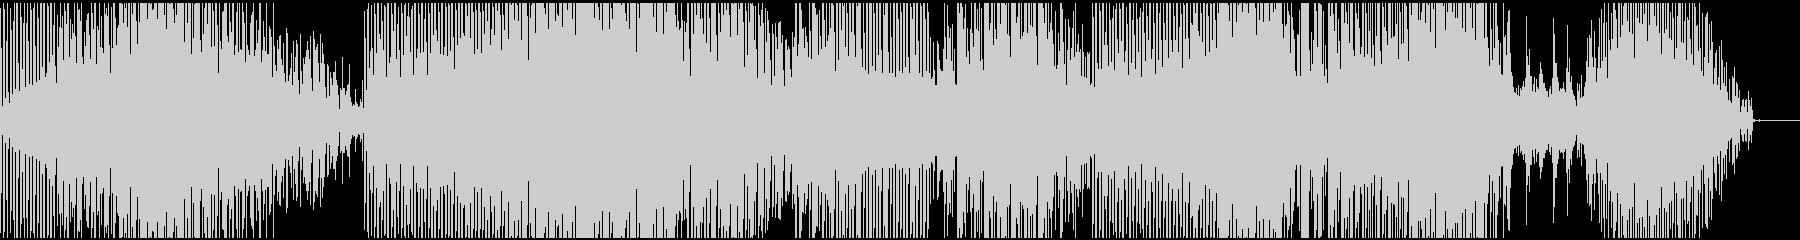 幻想的なミニマル(ピアノ)の未再生の波形